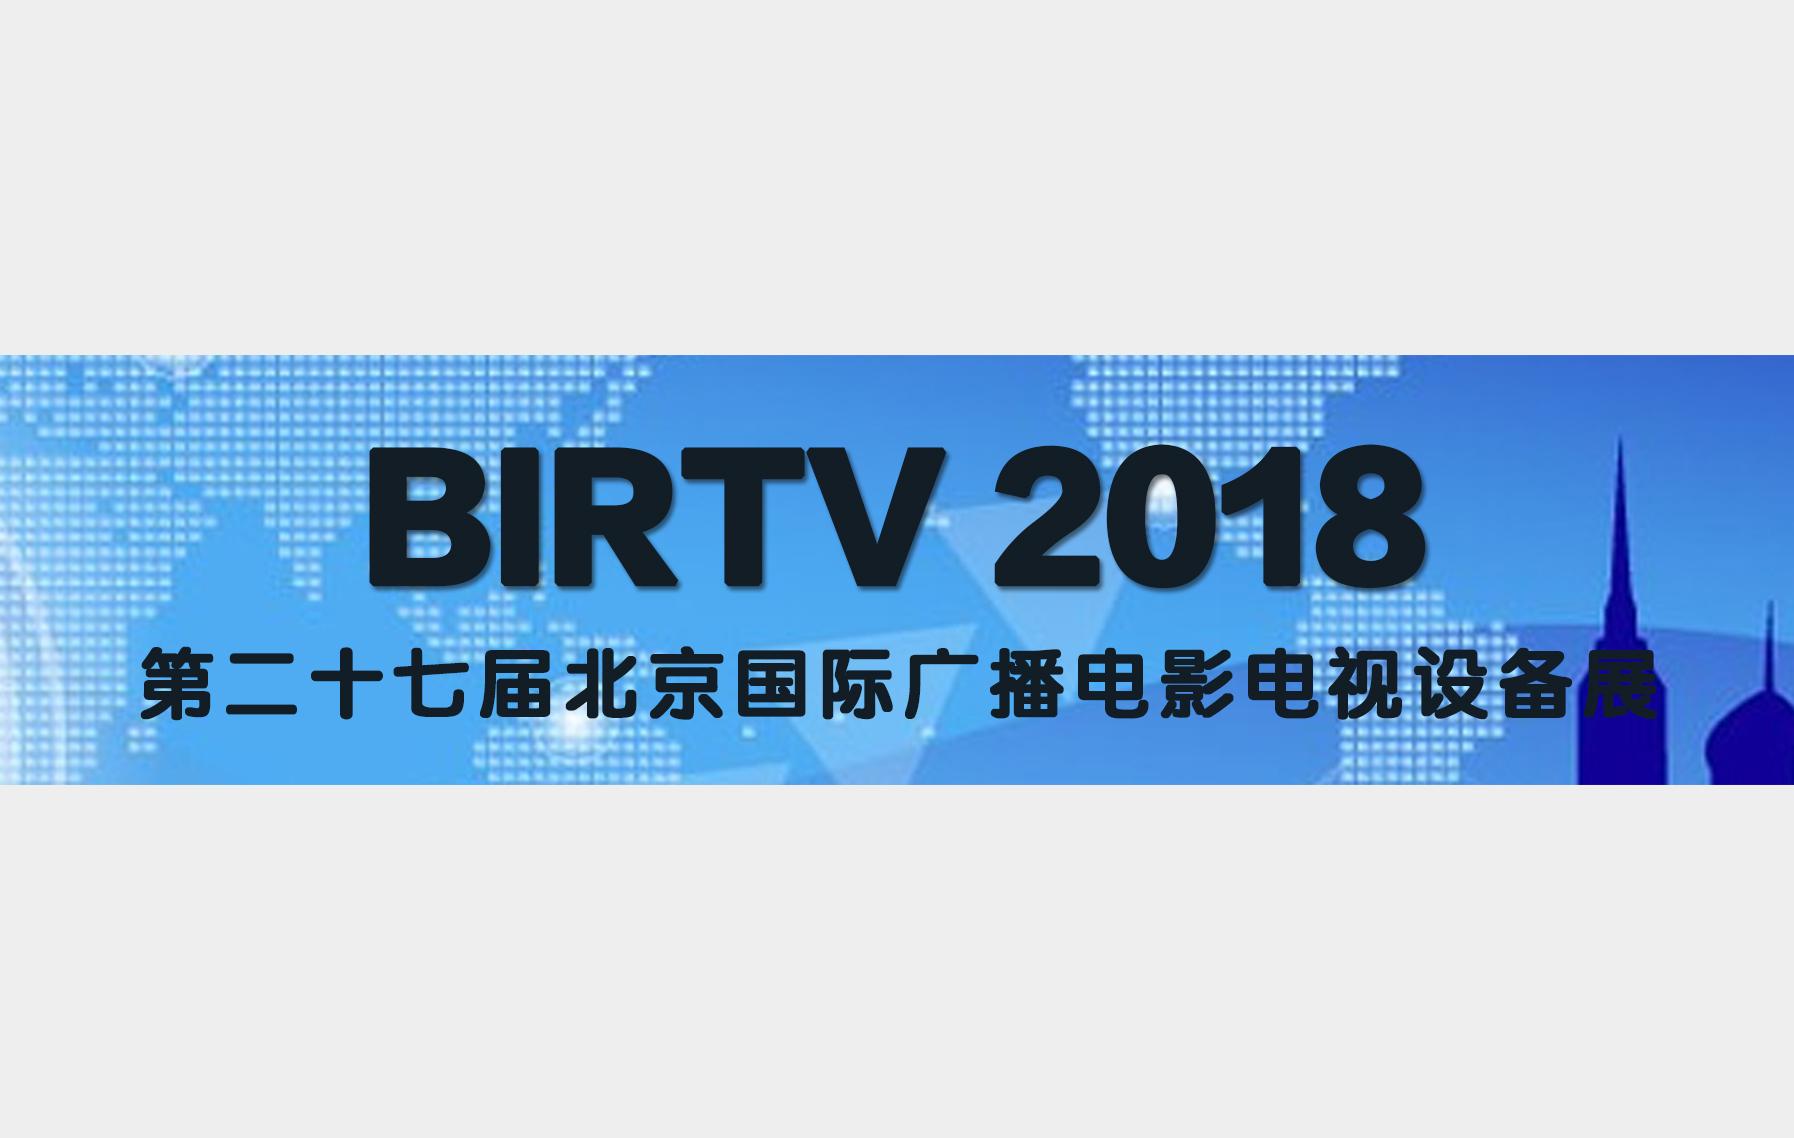 BIRTV 2018